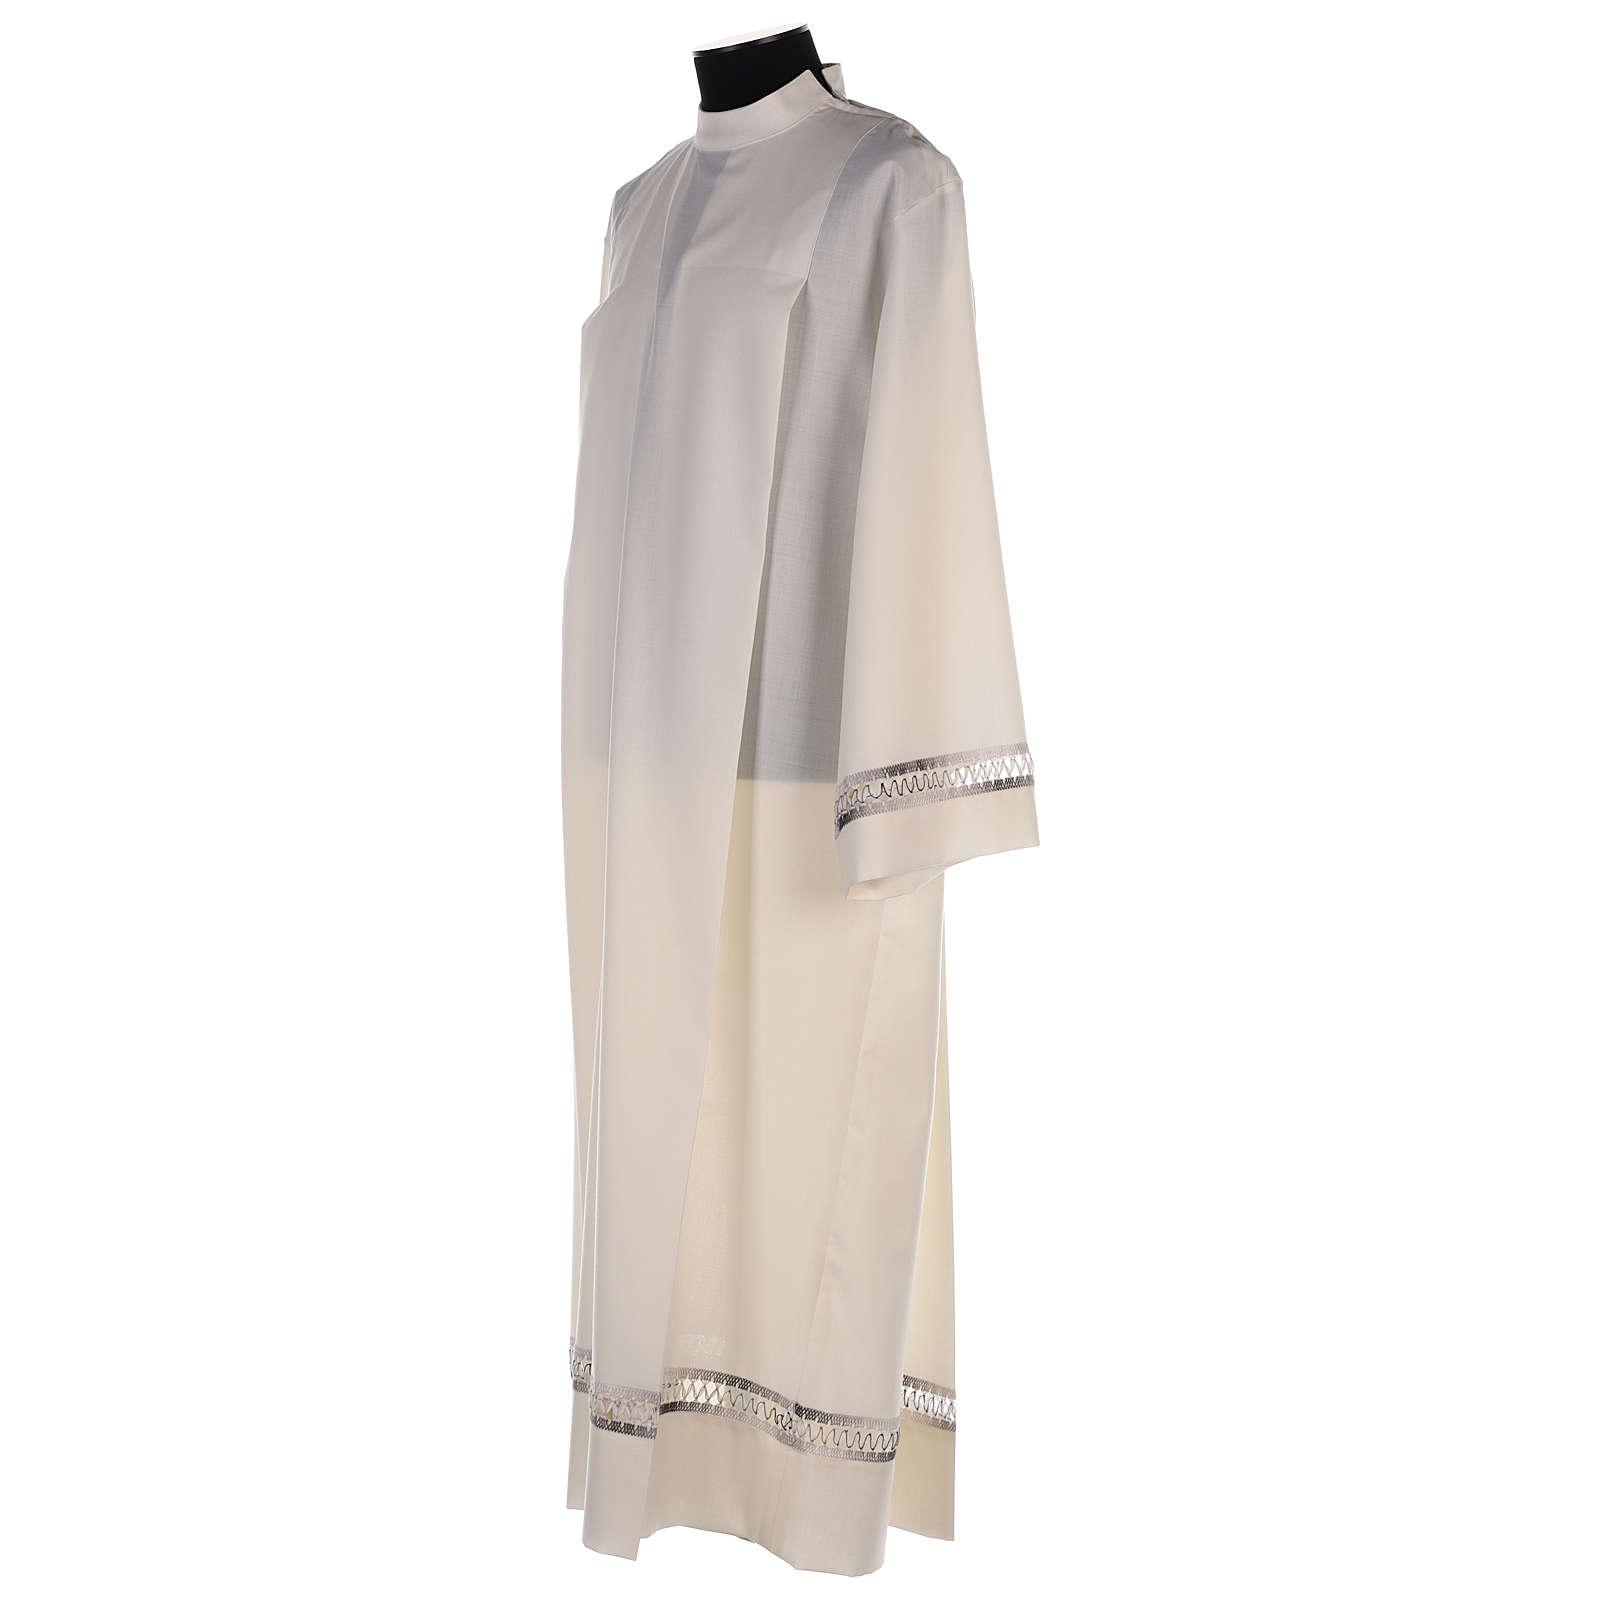 Camice avorio 55% poliestere 45% lana con gigliuccio RICAMO MANO 4